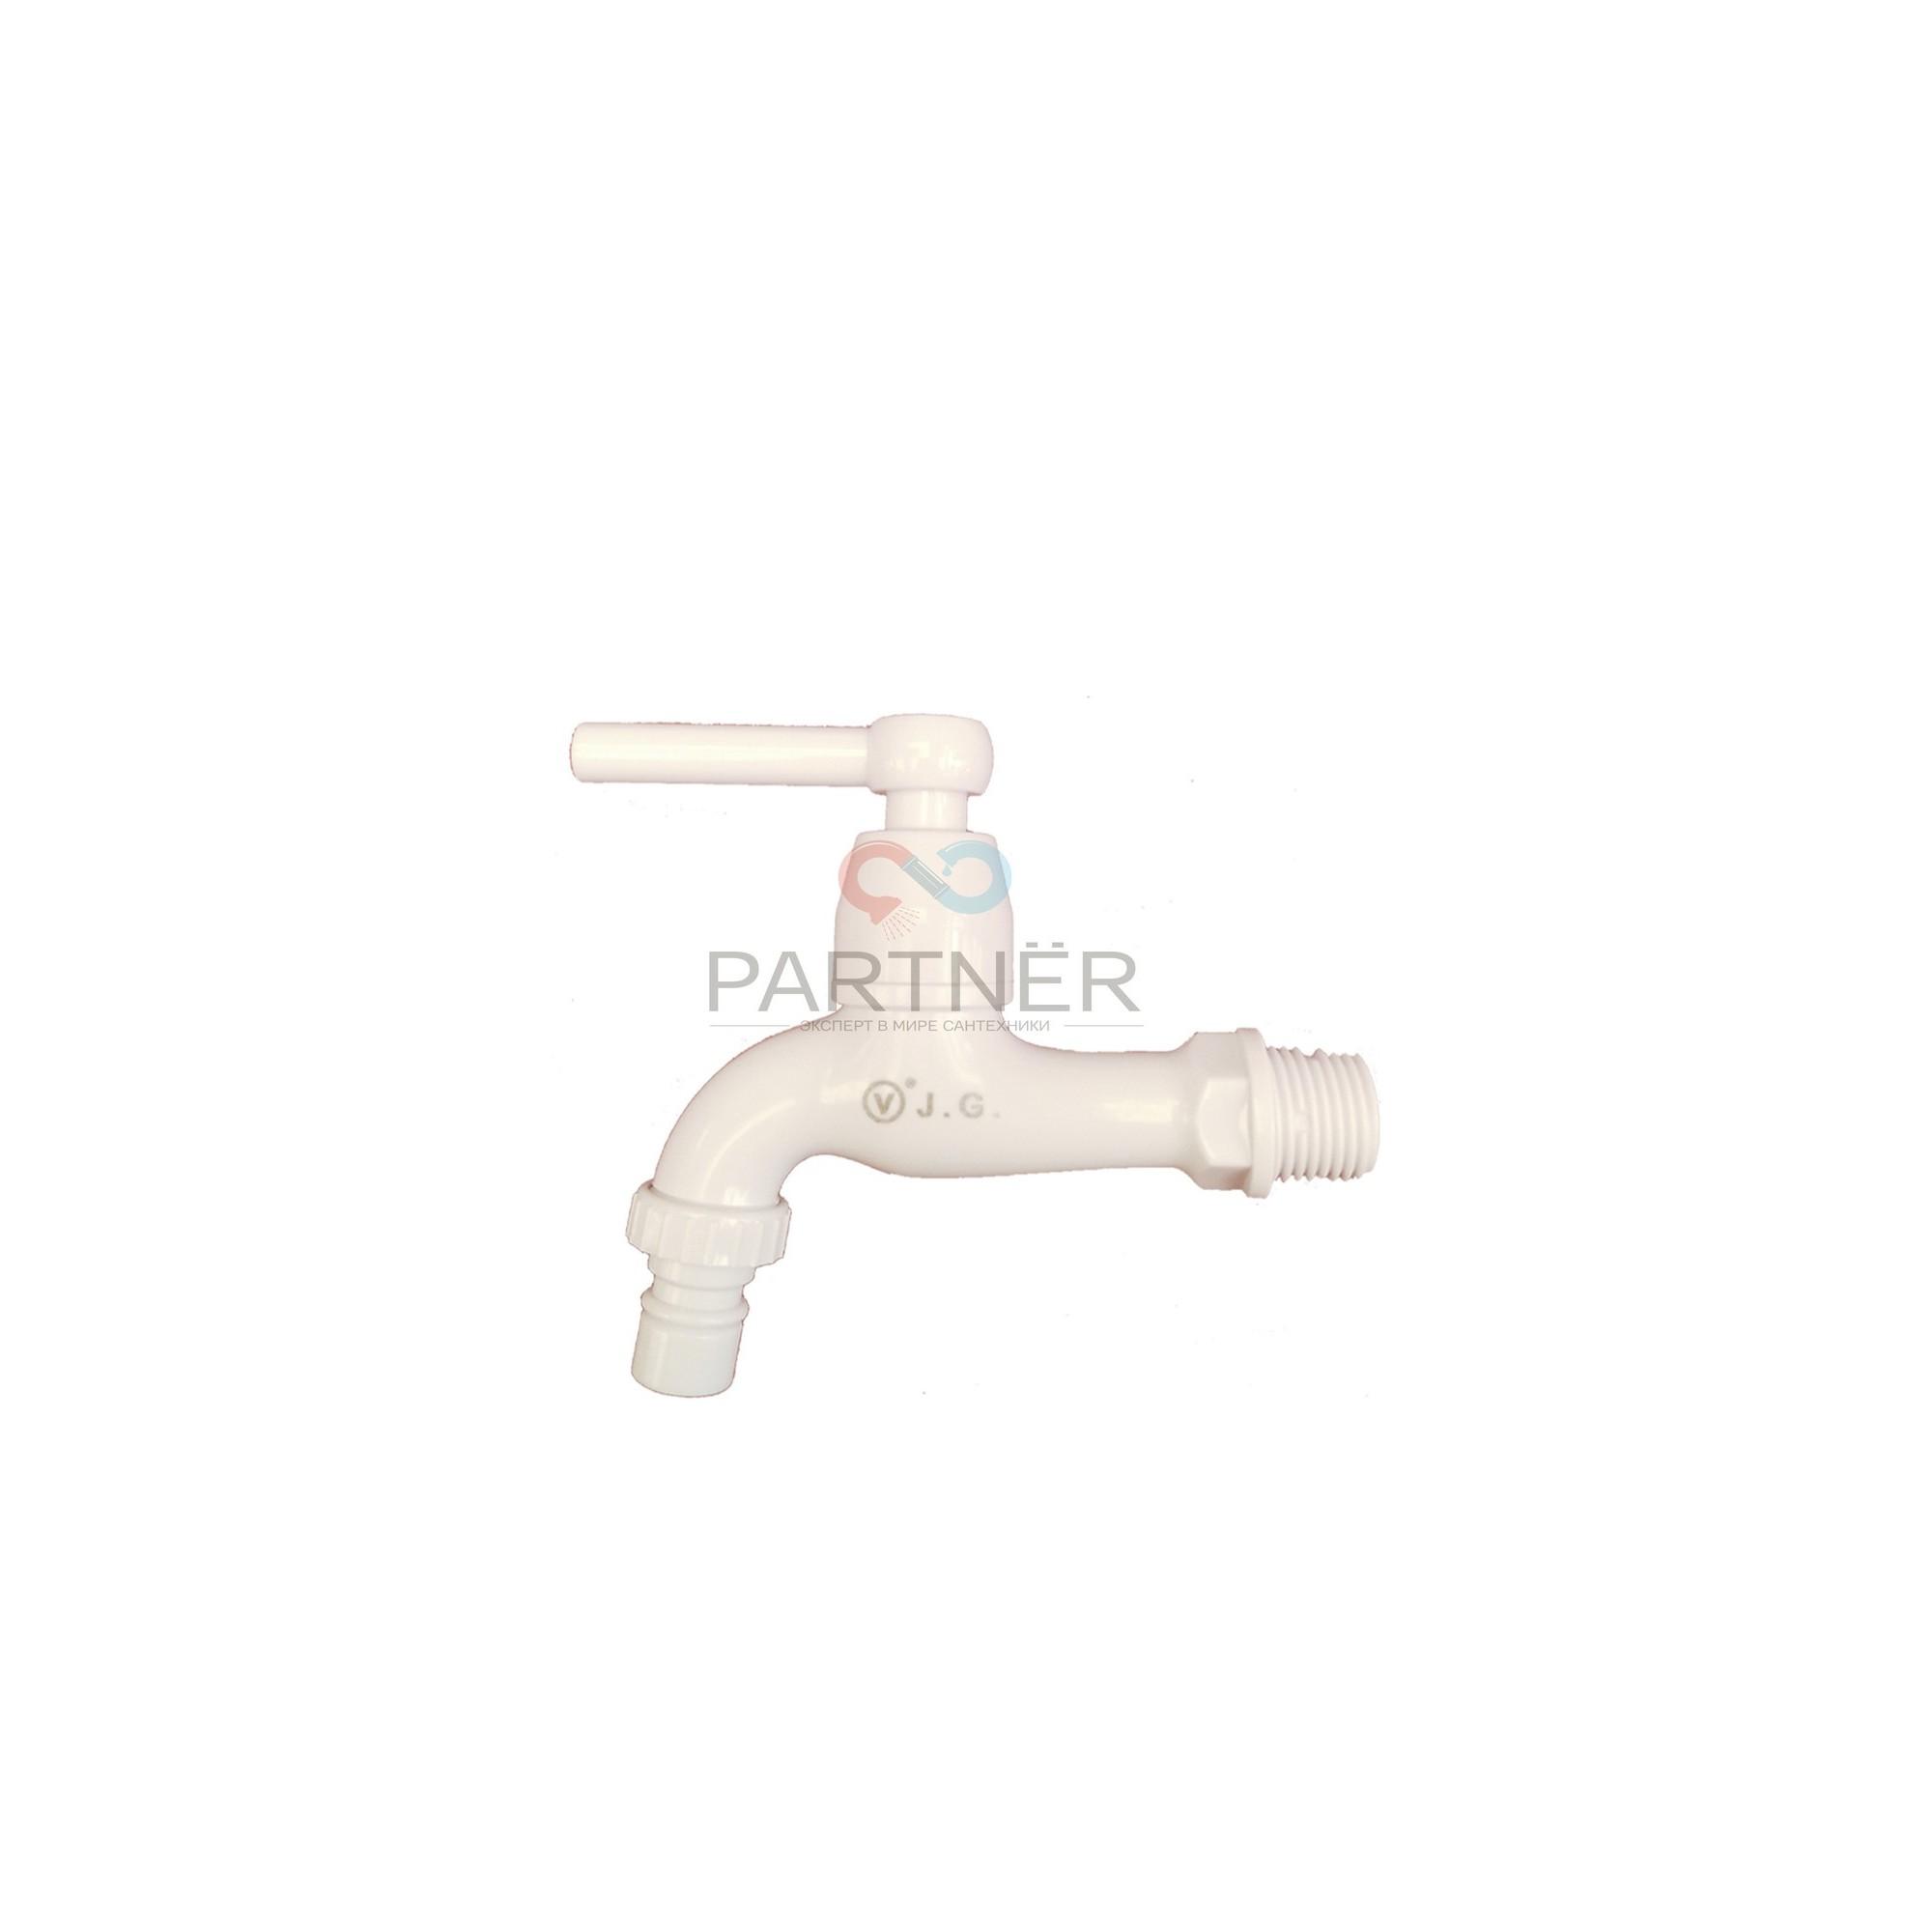 Кран сливной (водоразборный) 1/2 пластиковый 10,5см хромированный 1504 WF Valve J.G. J.G. - 1